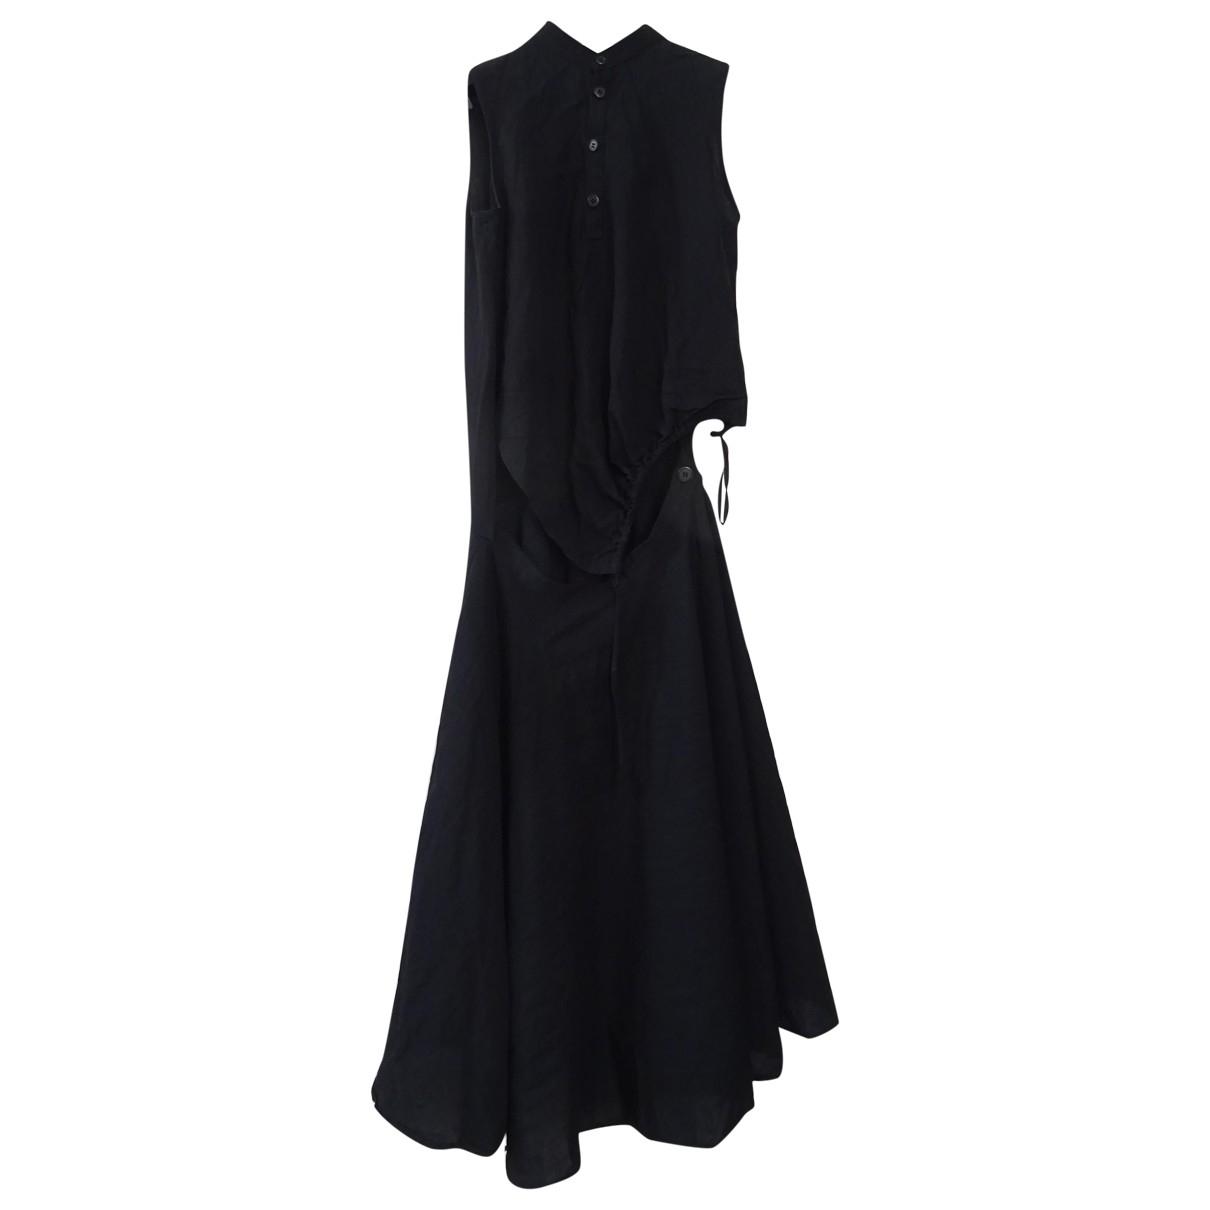 Ys \N Kleid in  Schwarz Leinen